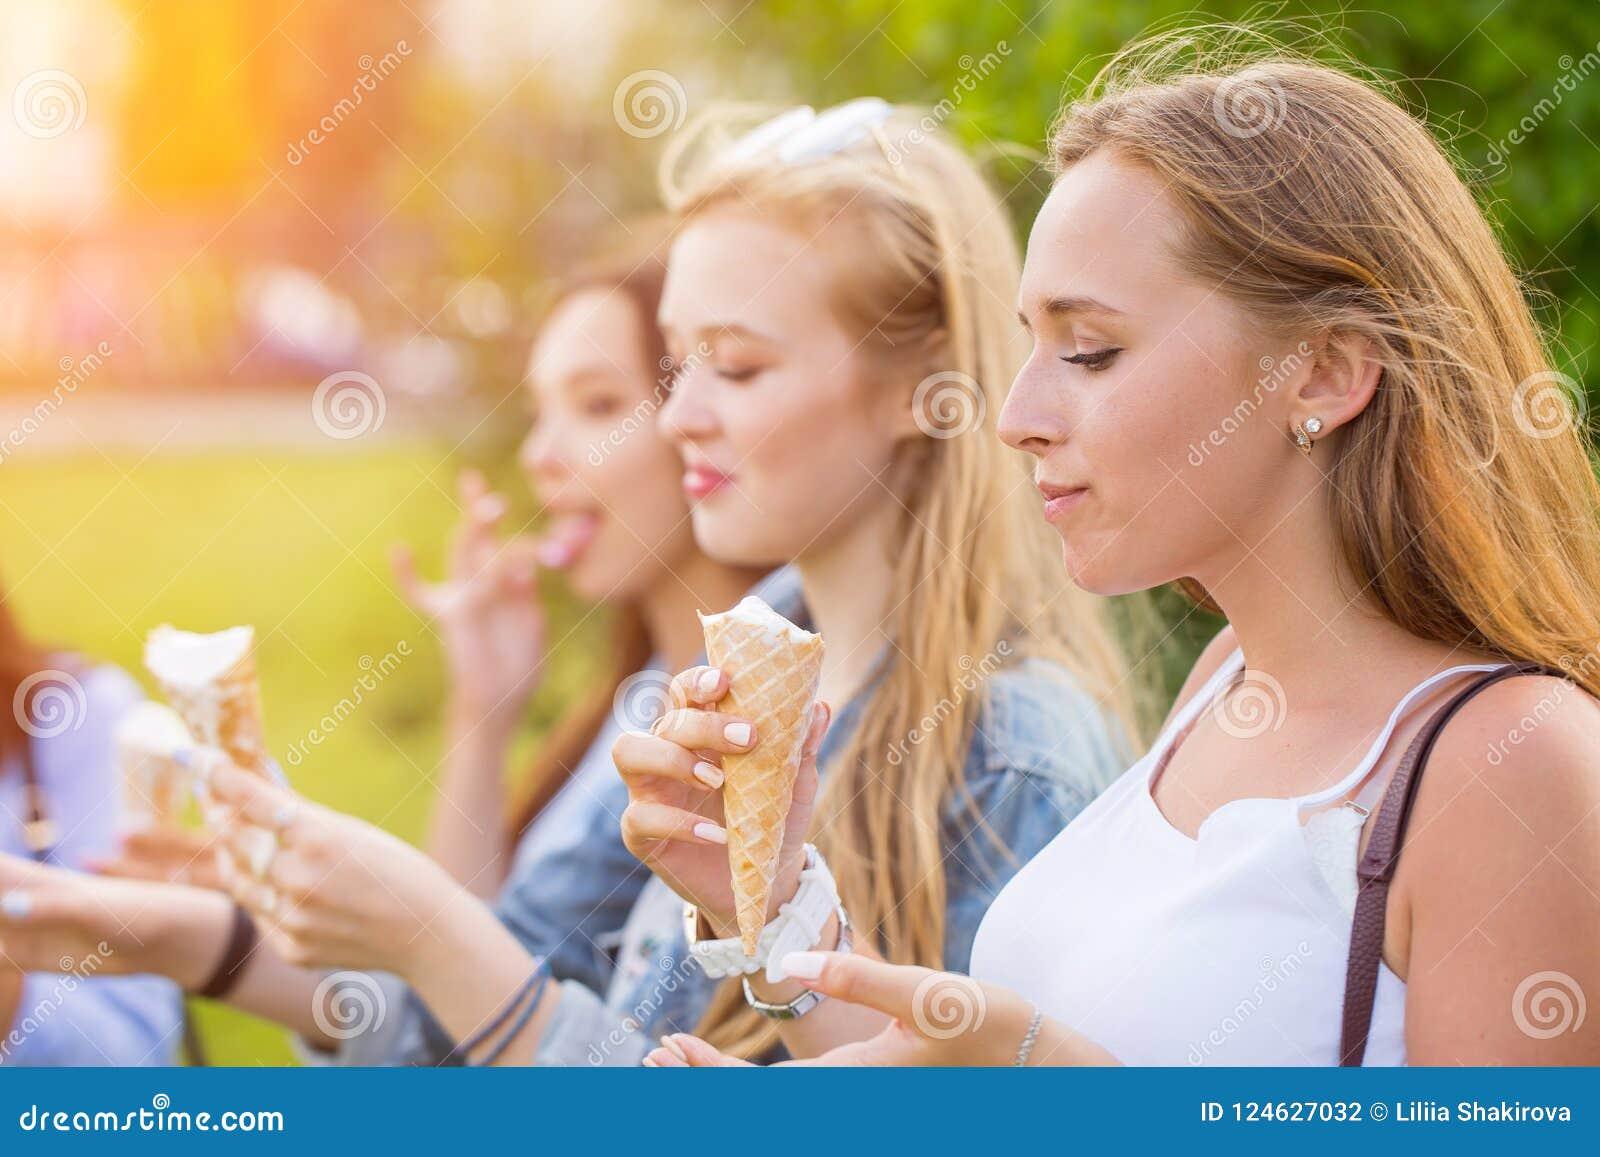 3 радостных молодых подруги на прогулке стоя в ряд усмехающся счастливо едят конусы мороженого на летних каникулах